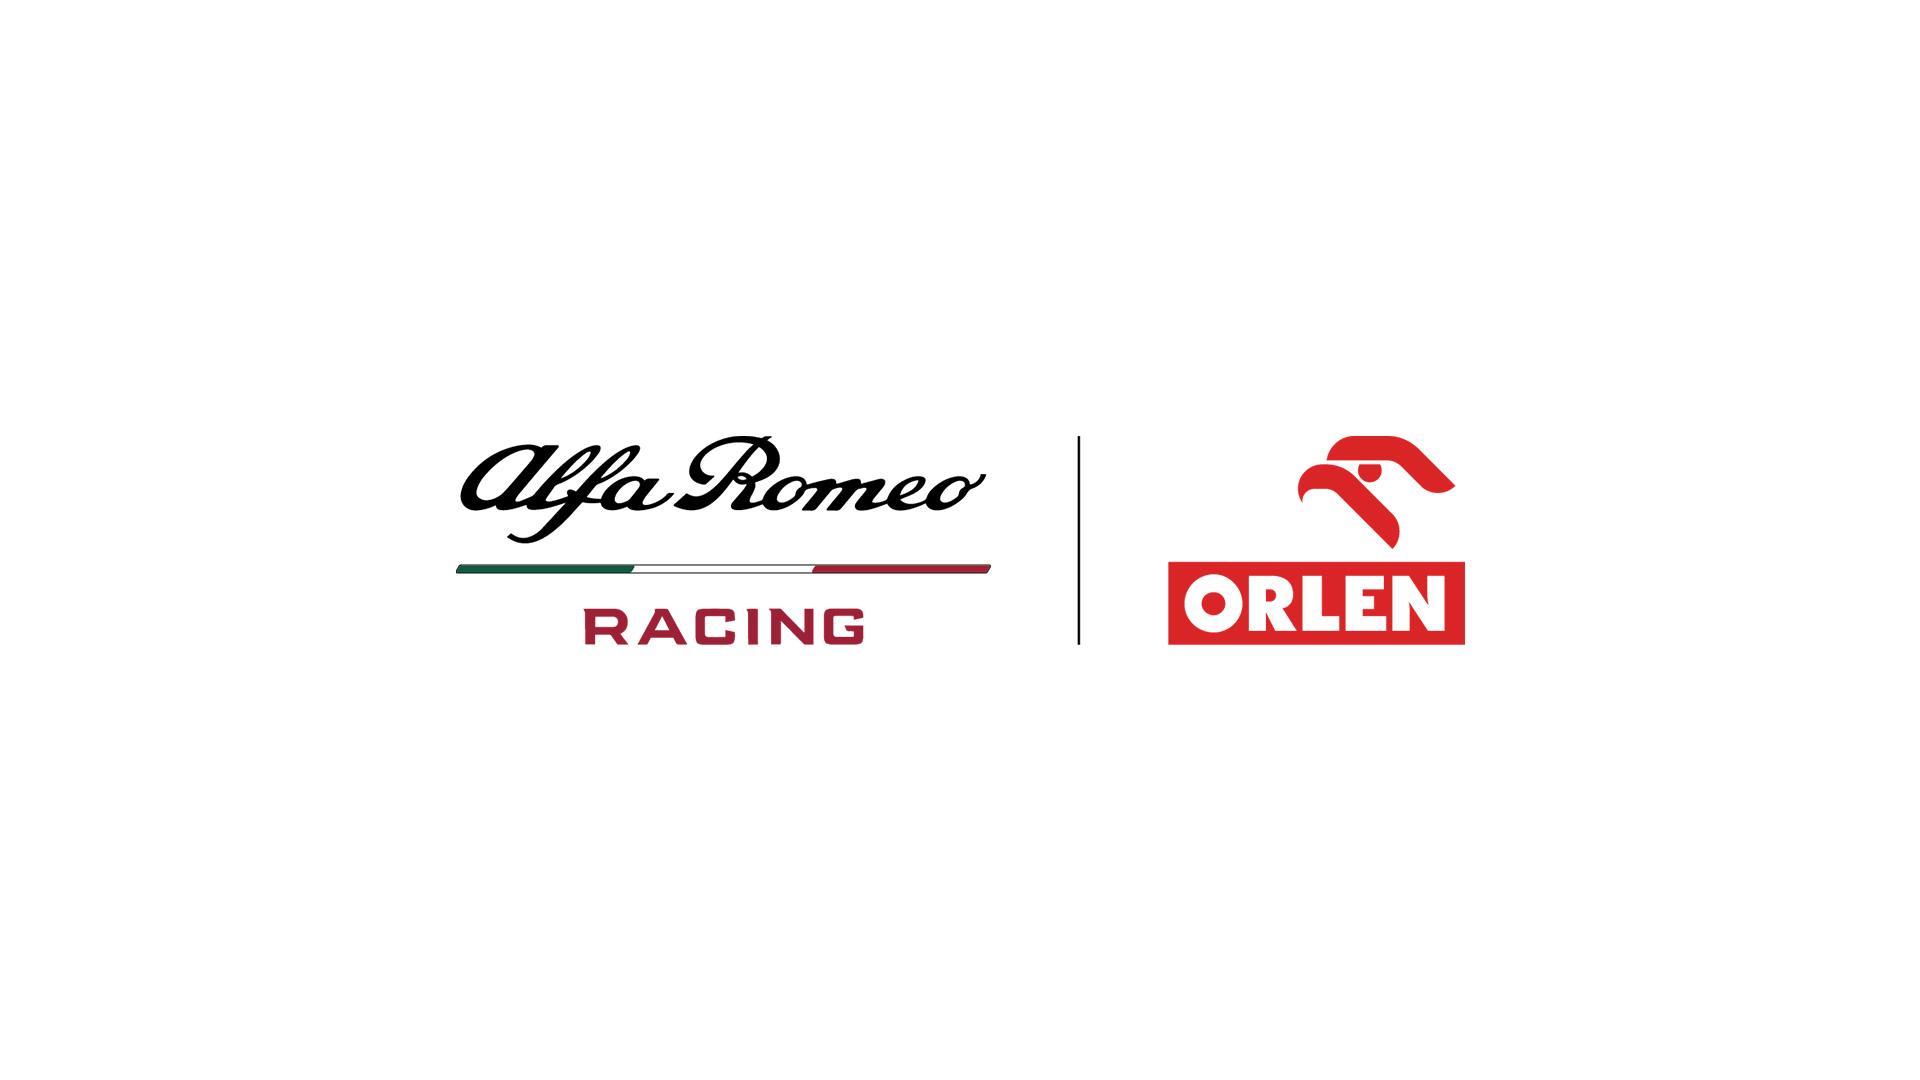 logo_alfa_romeo_orlen